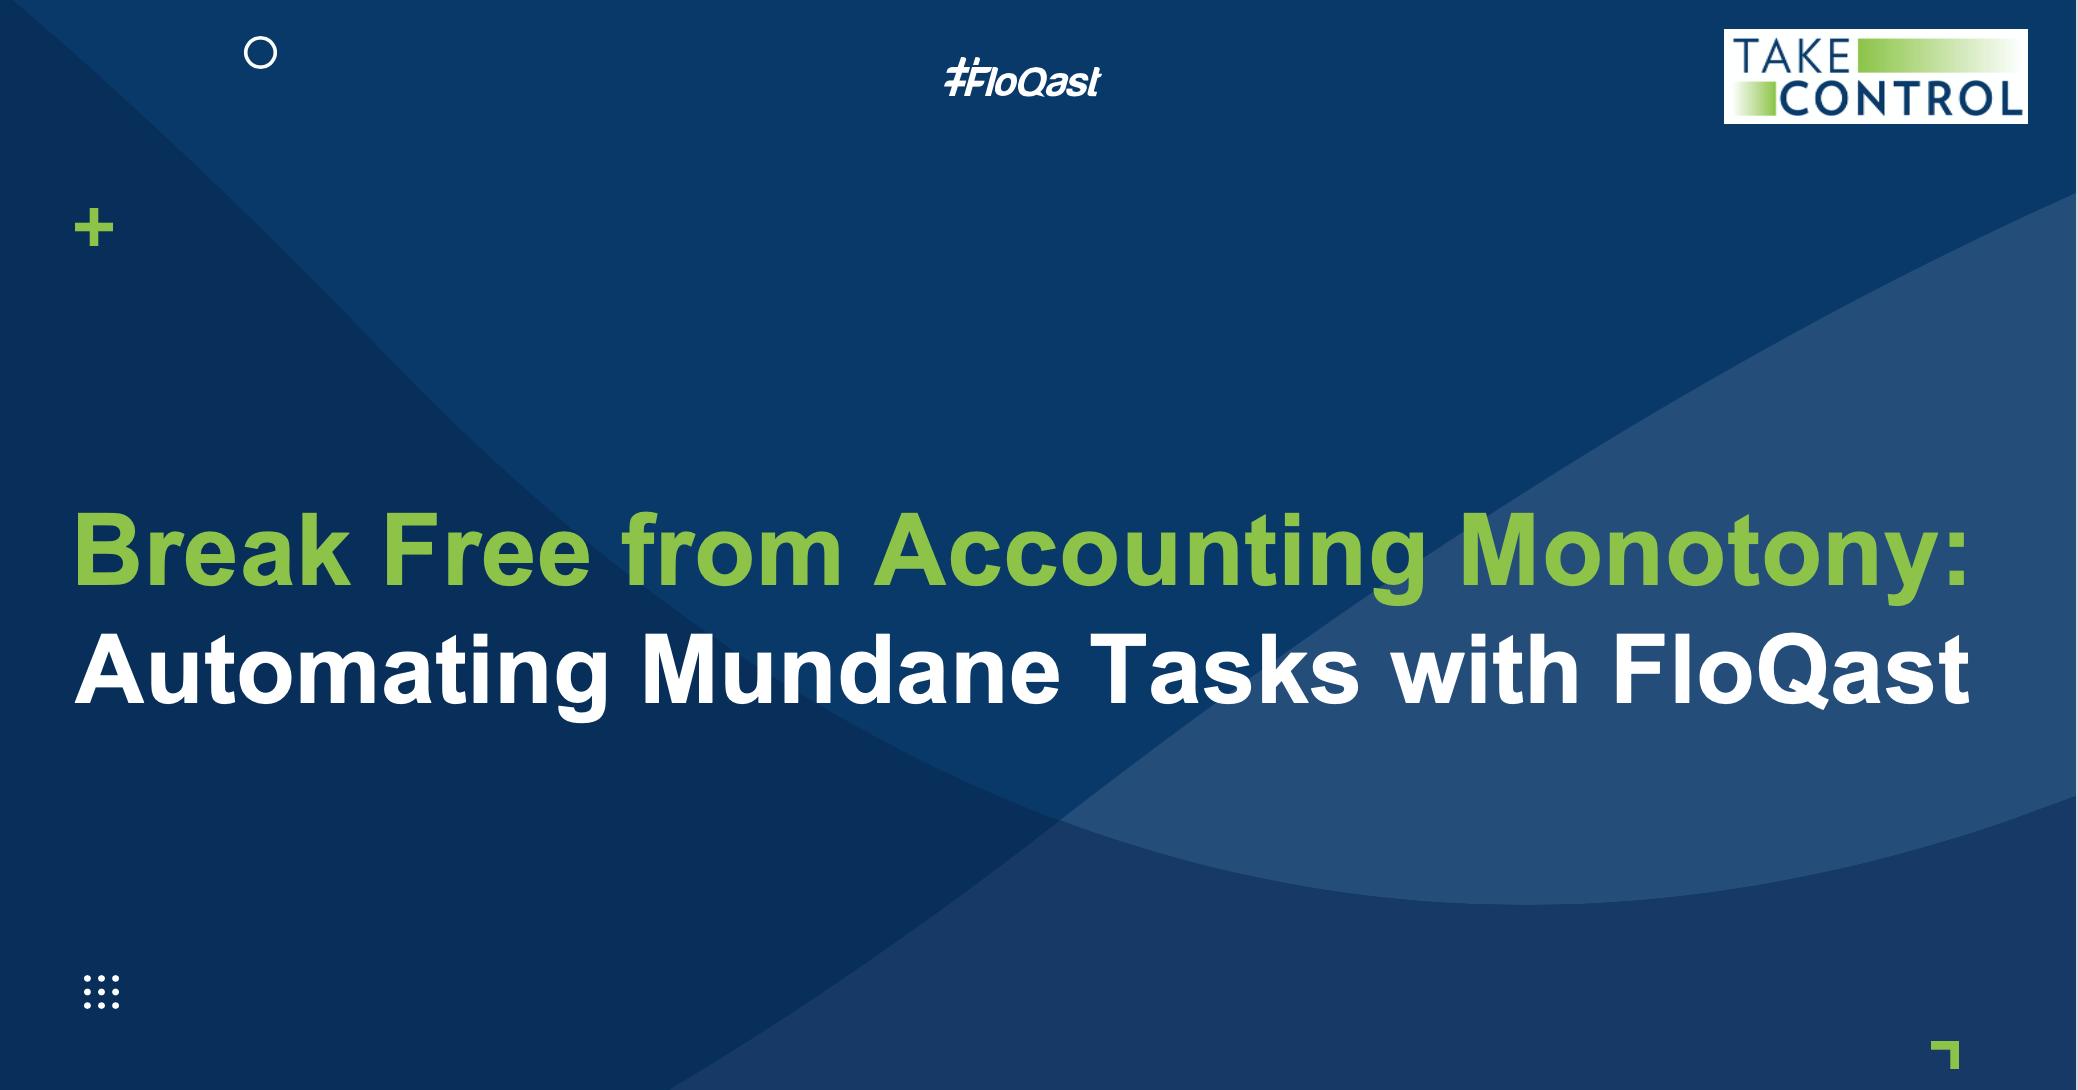 Break Free from Accounting Monotony